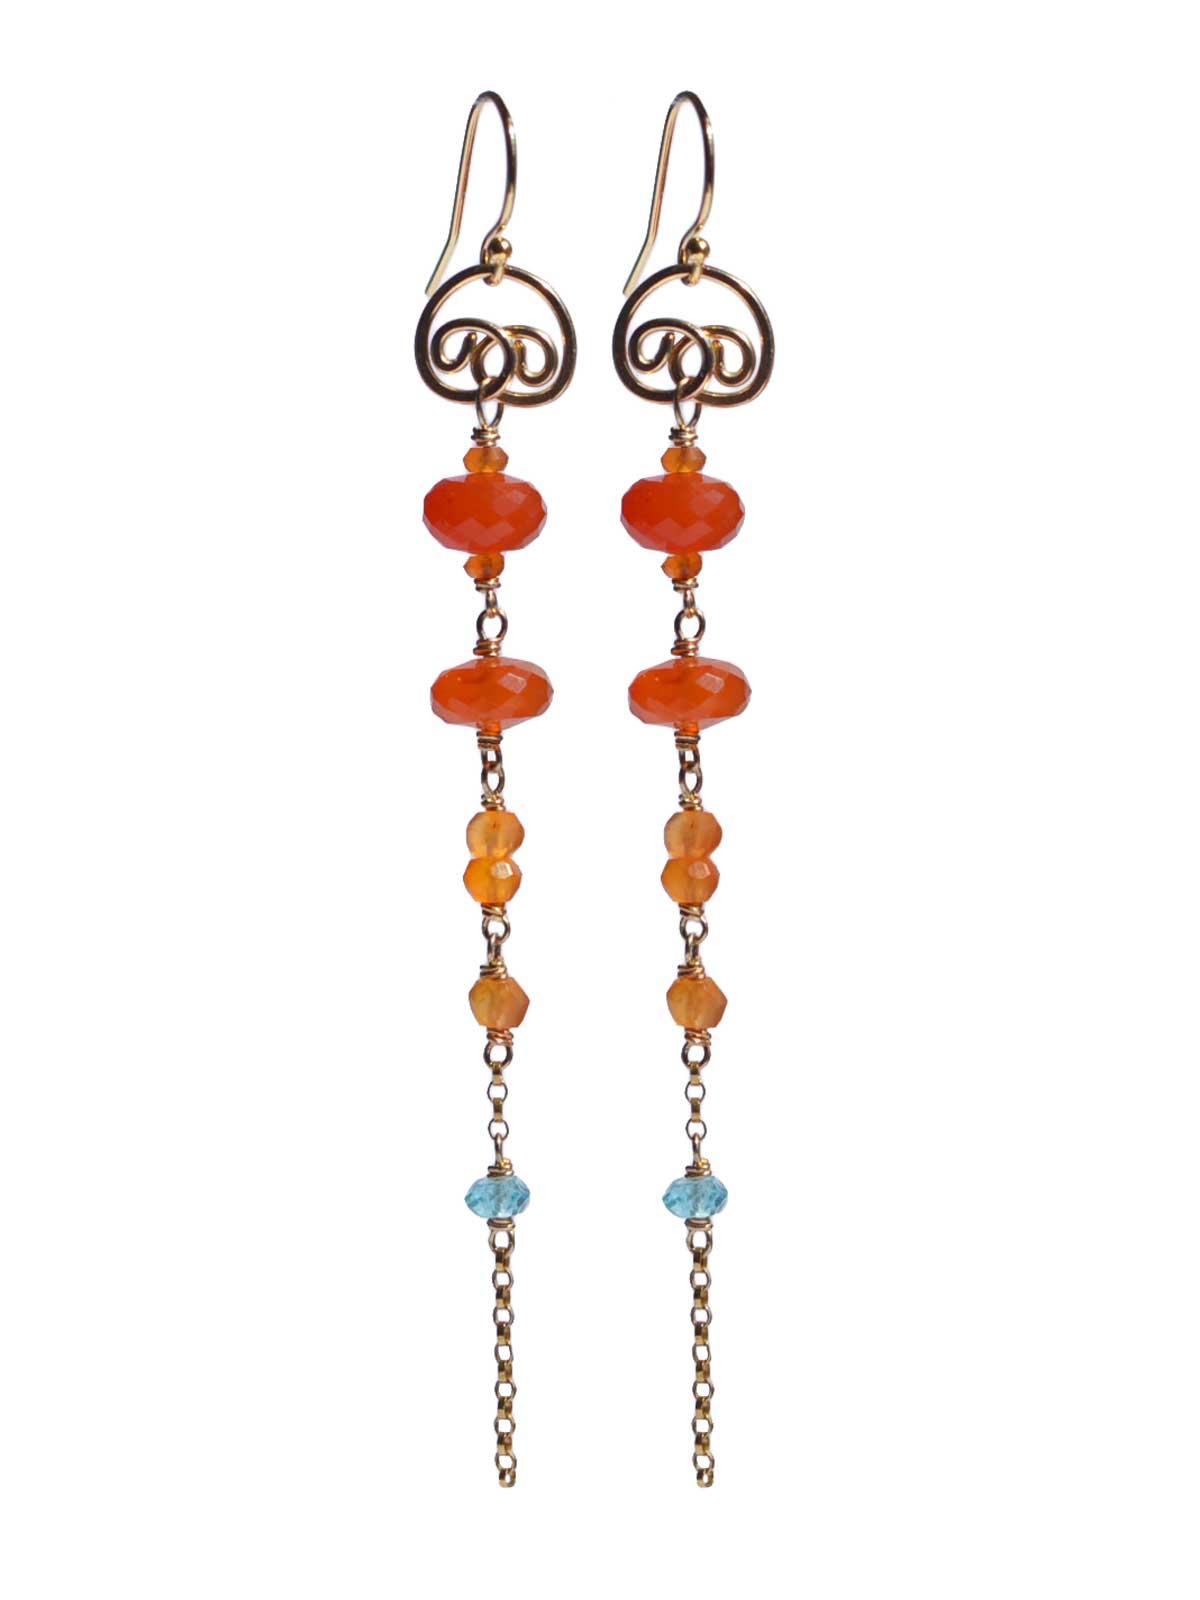 Carnelian Apatite long earrings 14K Gold-filled